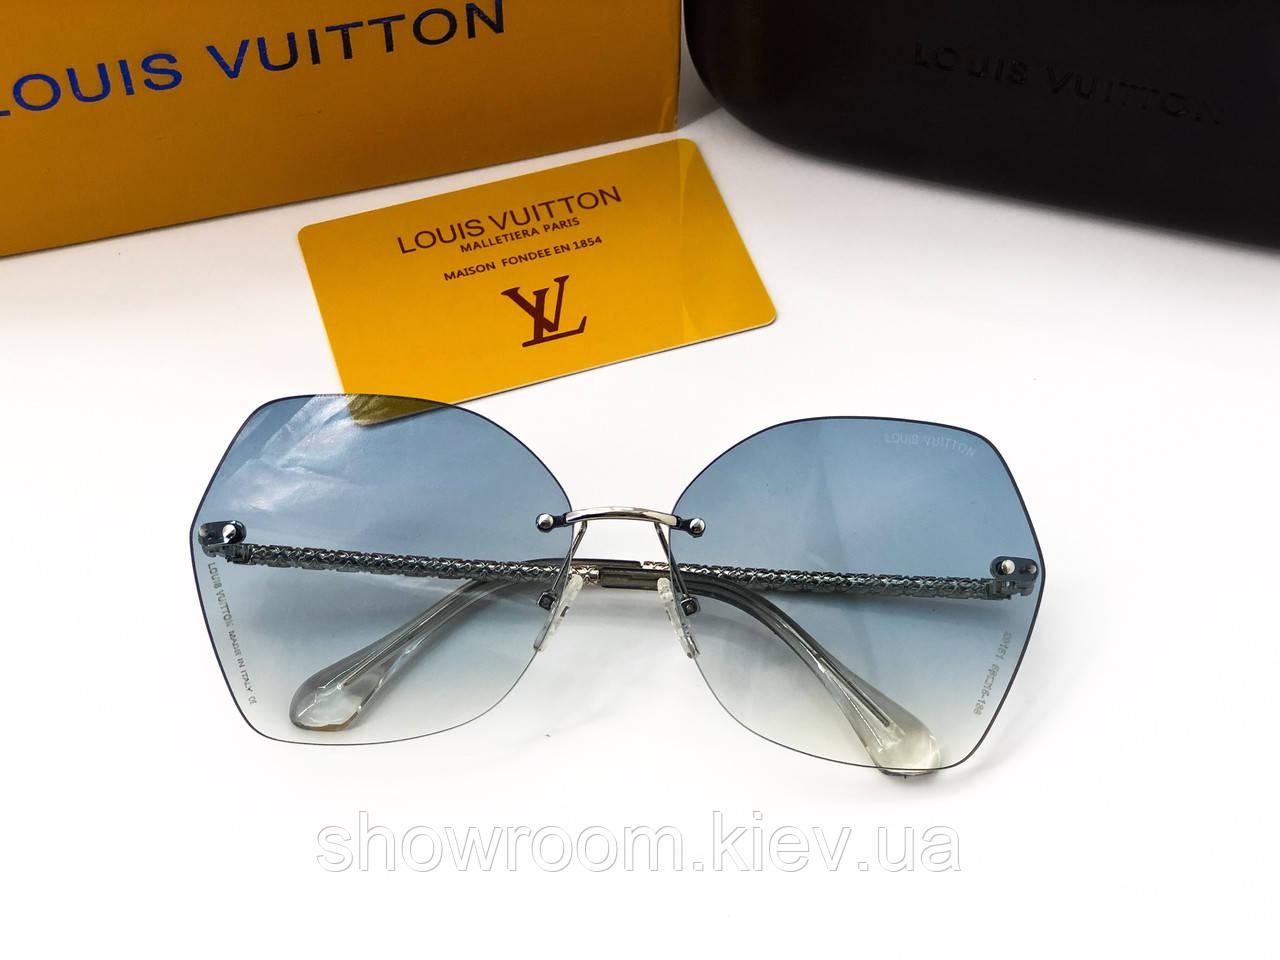 Женские солнцезащитные очки в стиле Louis Vuitton (2015)